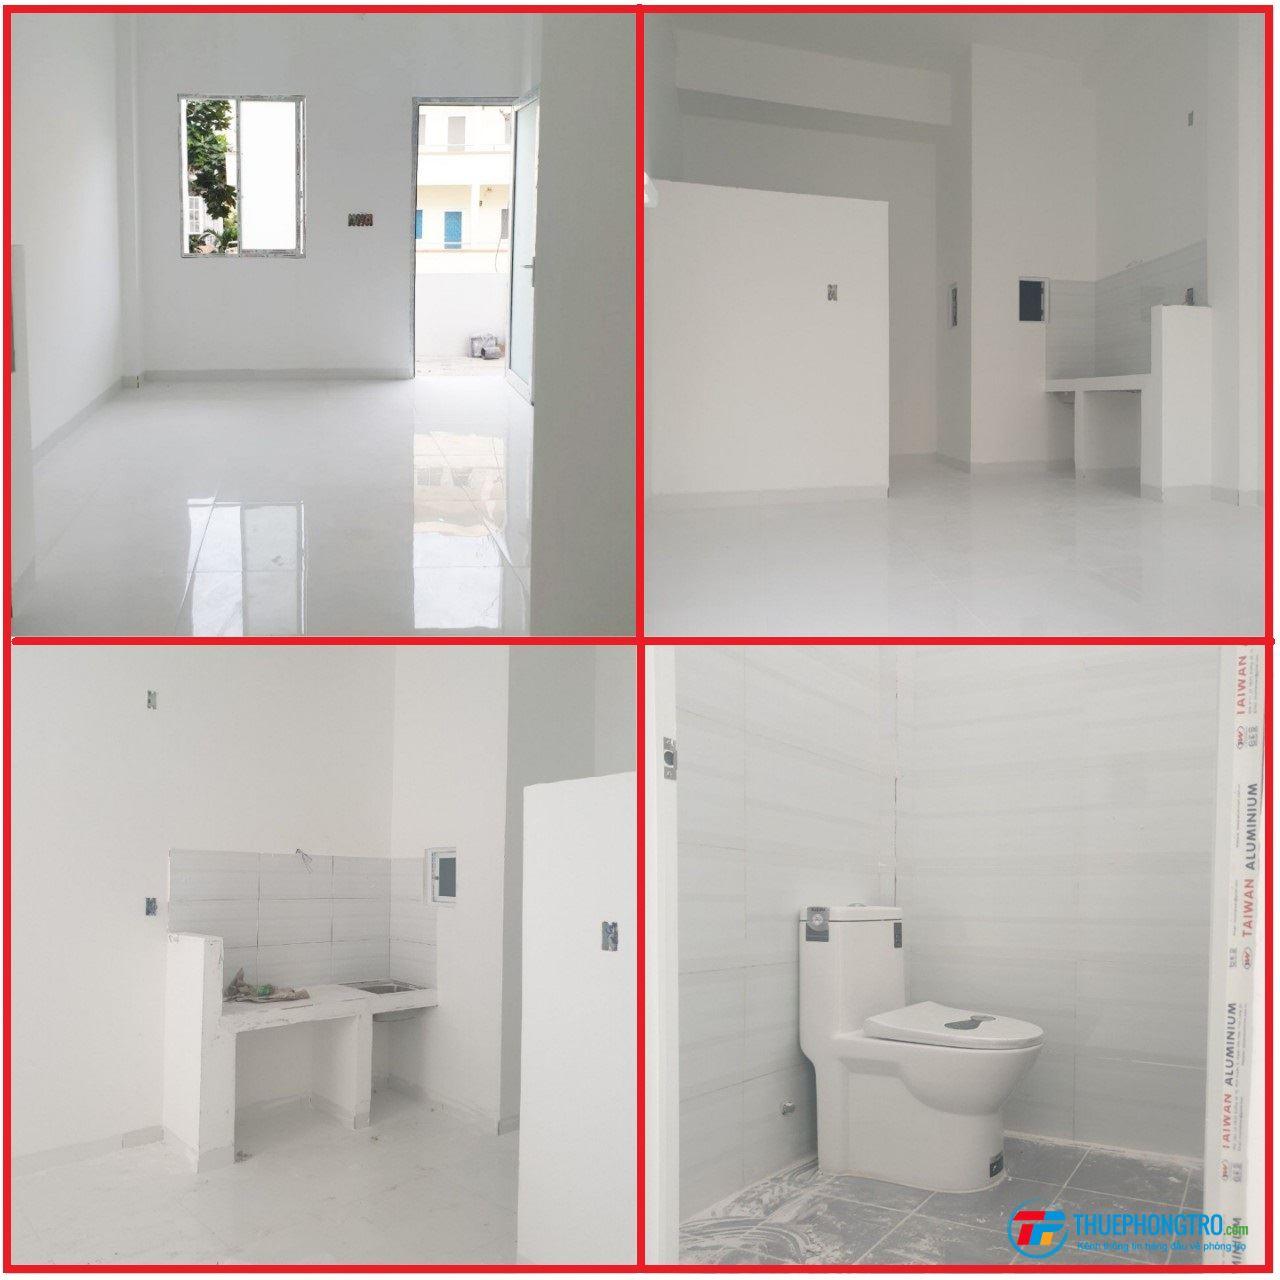 Phòng mới 100% Rộng, Sạch, Đẹp, An ninh, Yên tĩnh (Giá rẻ)